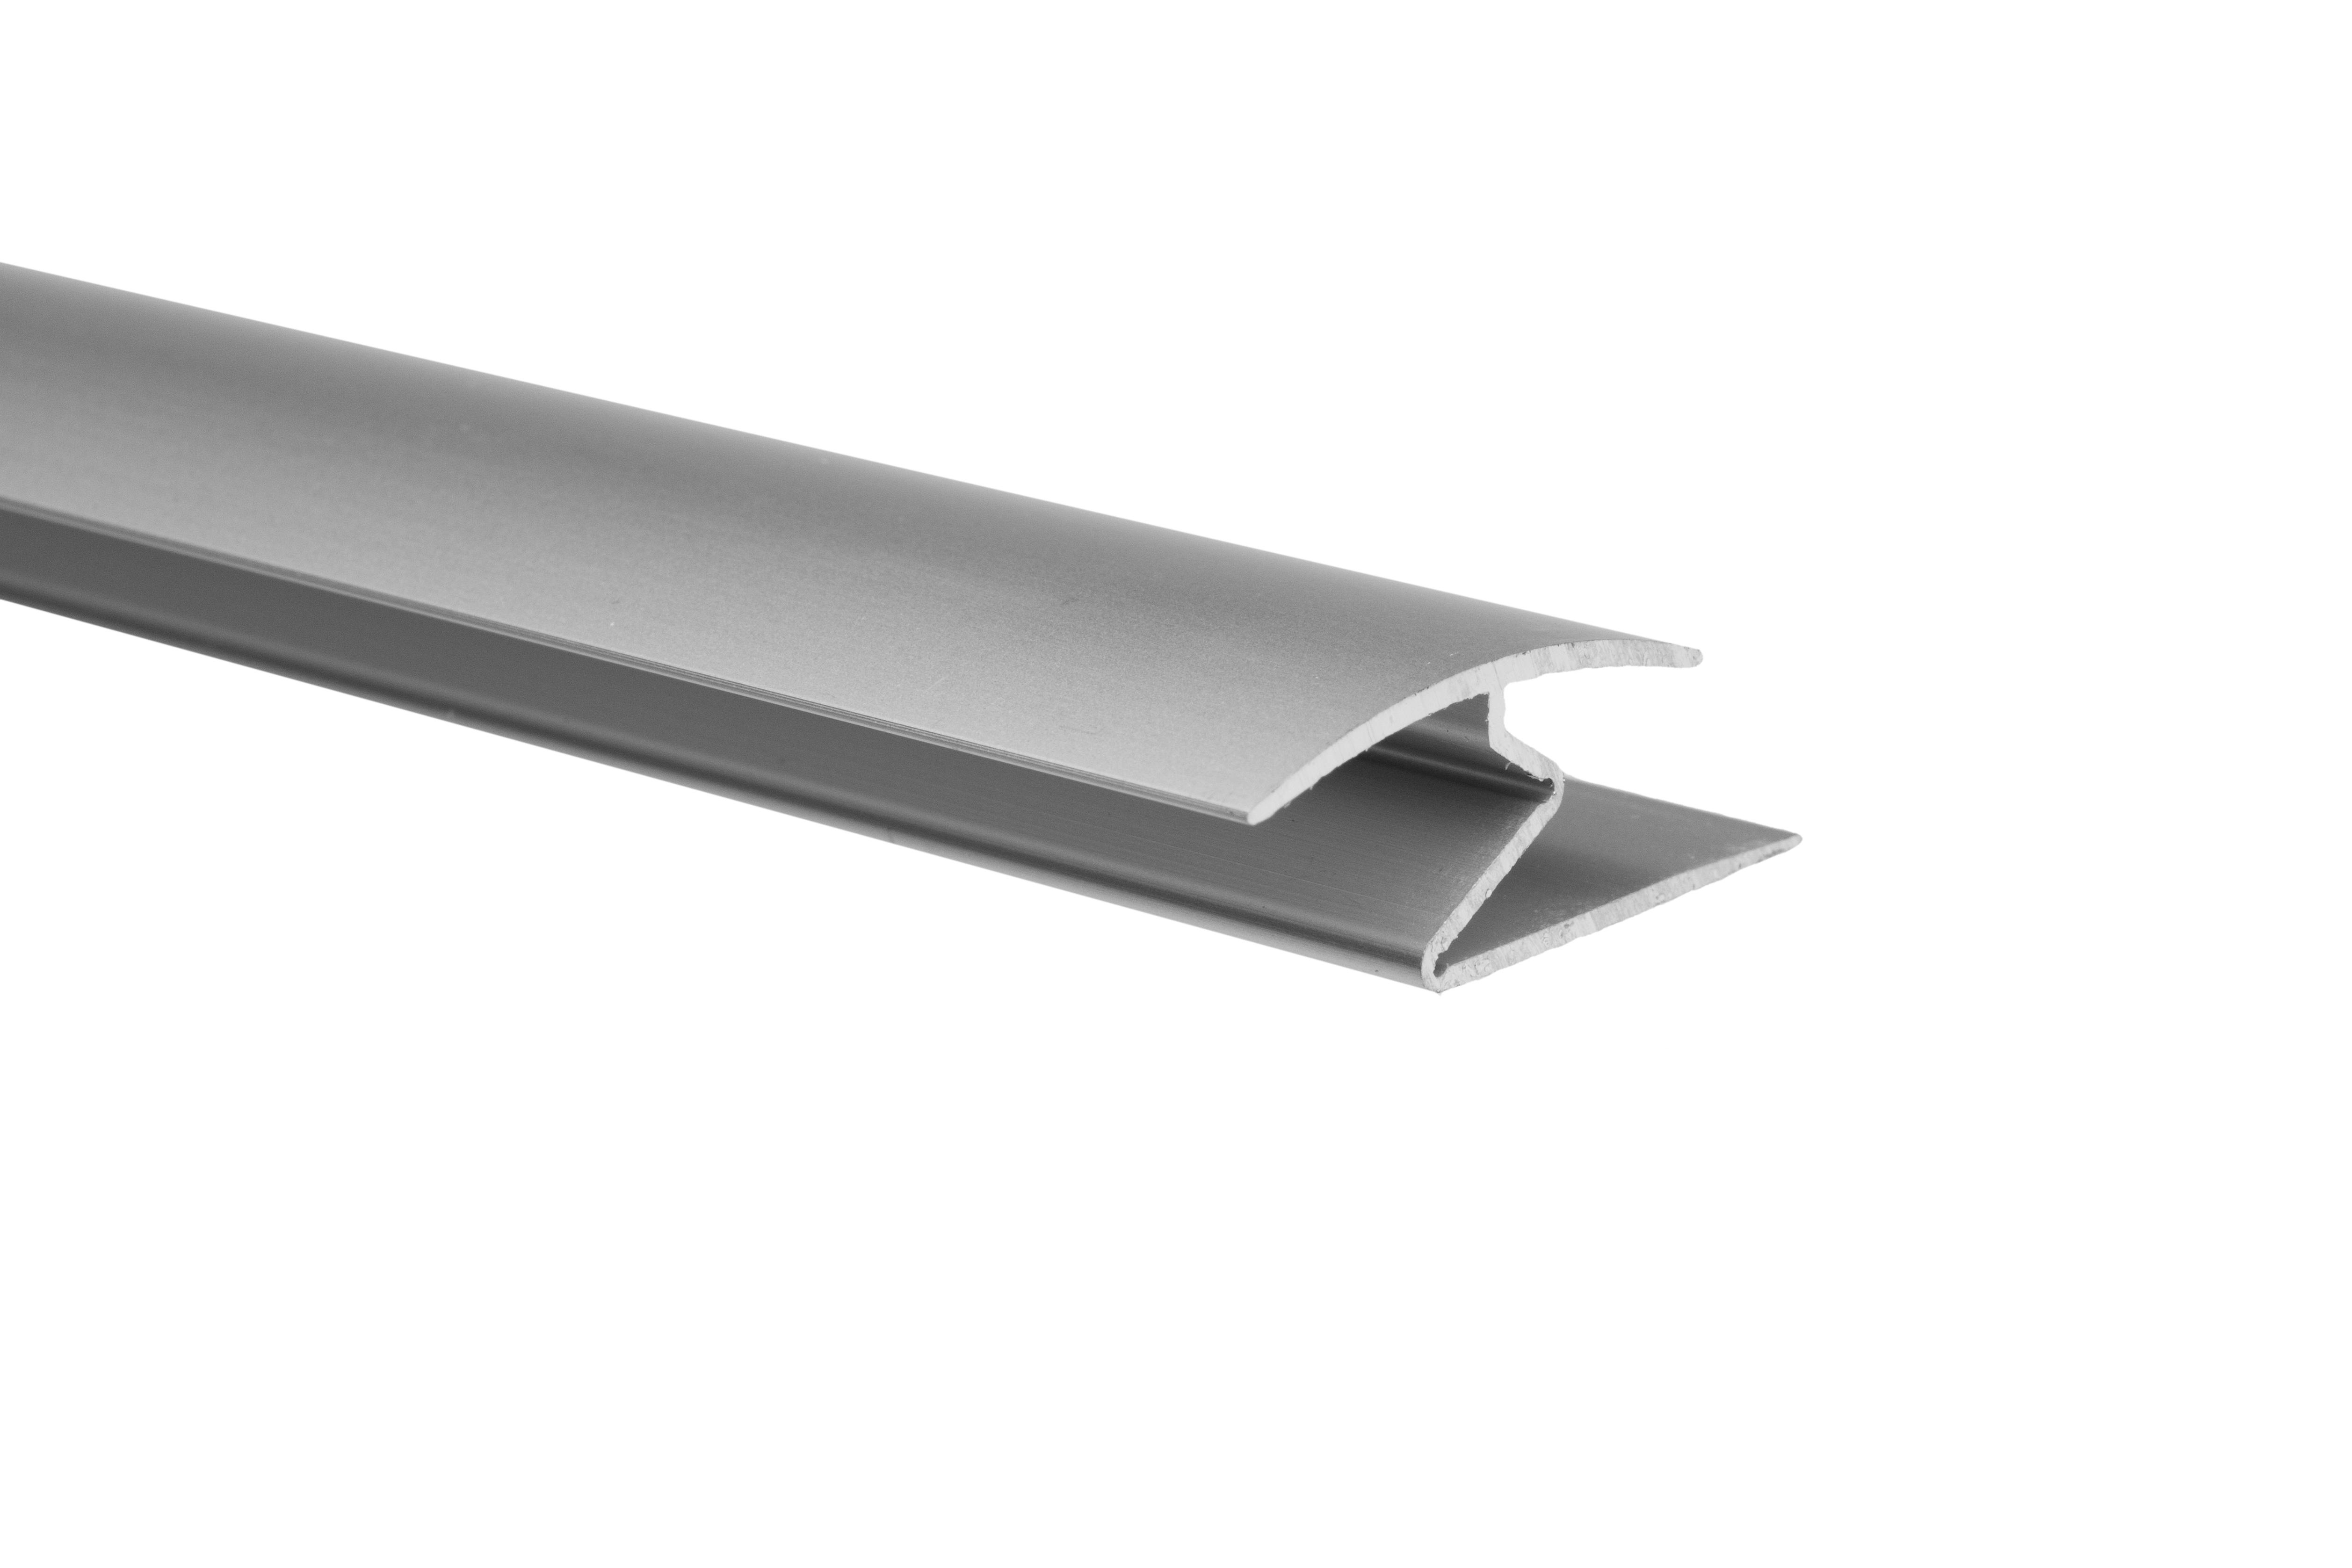 Profil de trecere cu surub mascat cu diferenta de nivel A69 Effector argint, 2,7 m mathaus 2021